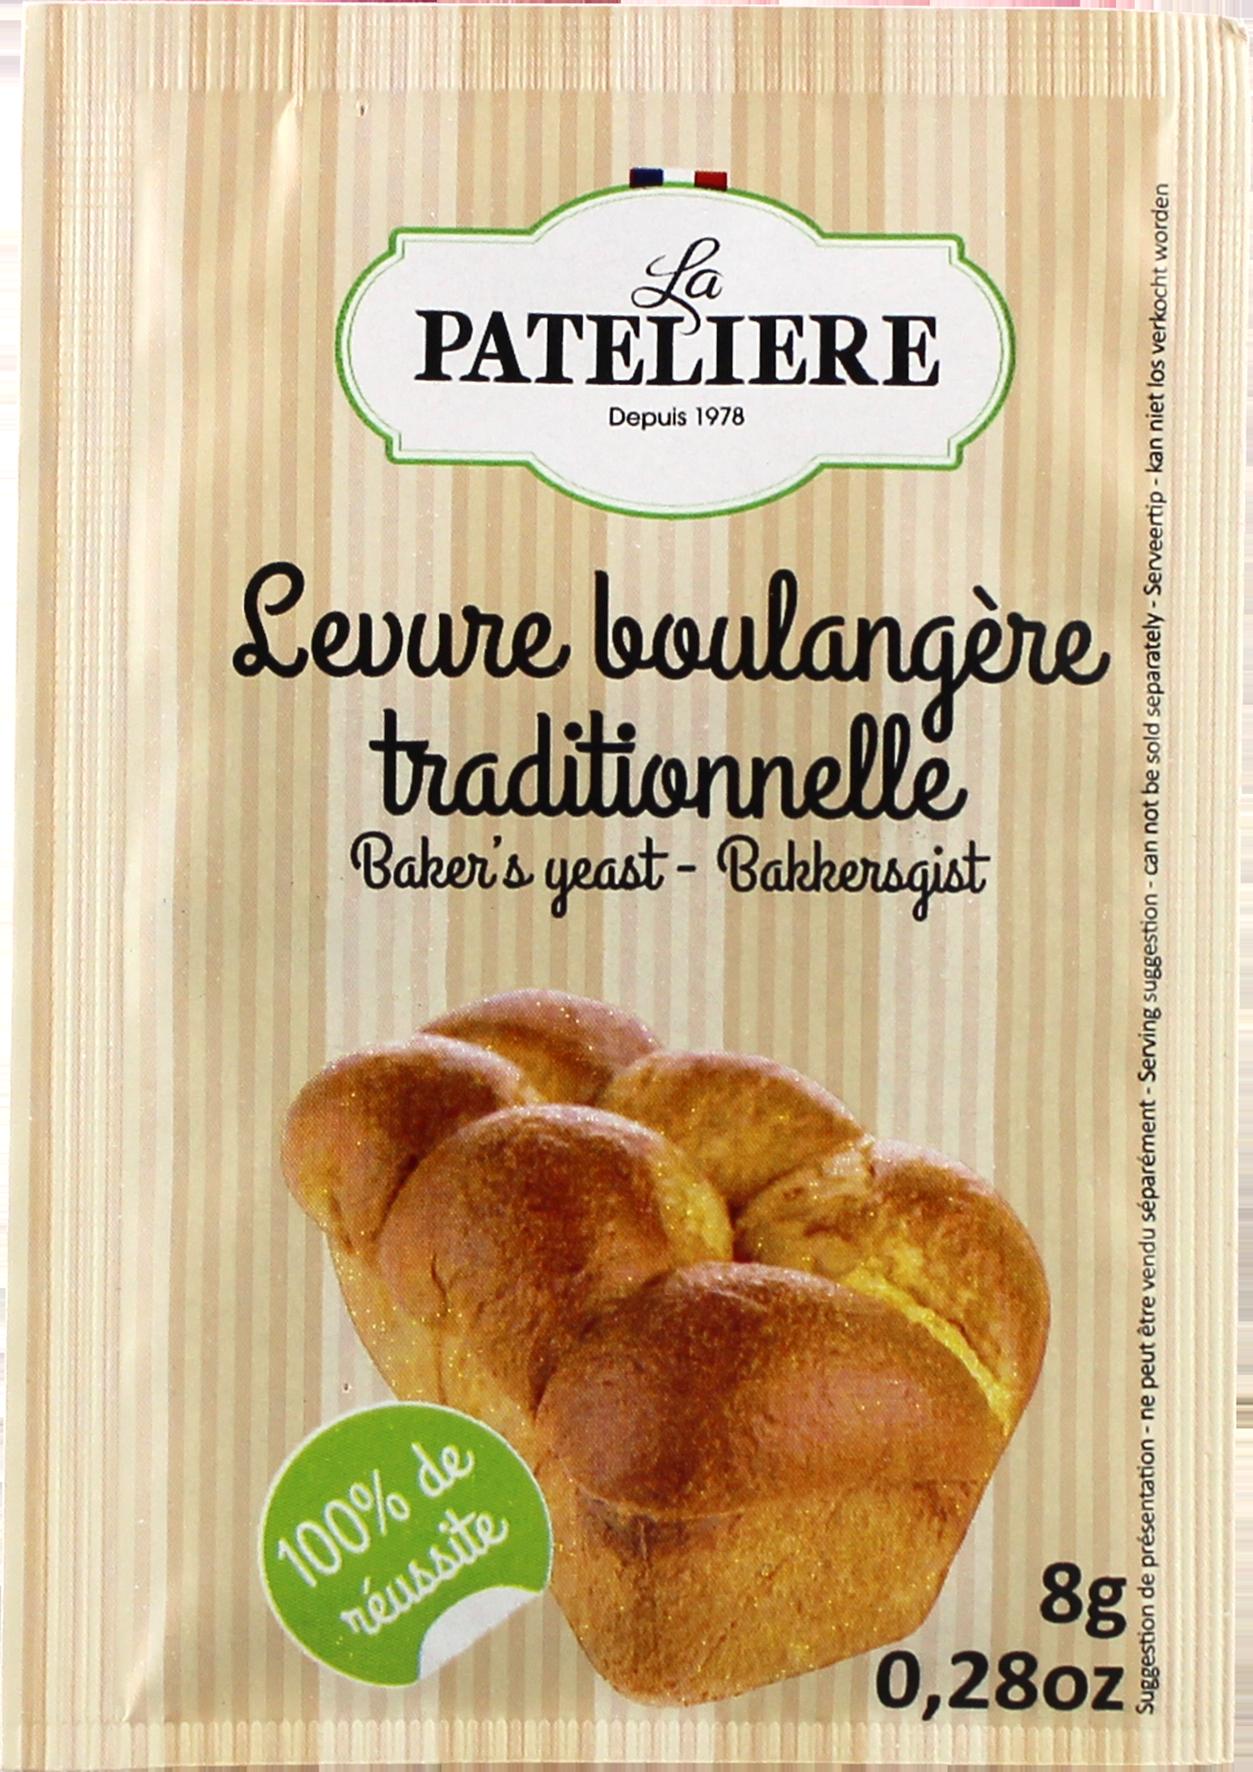 levure_boulangere_traditionnel_8g LA PATELIERE